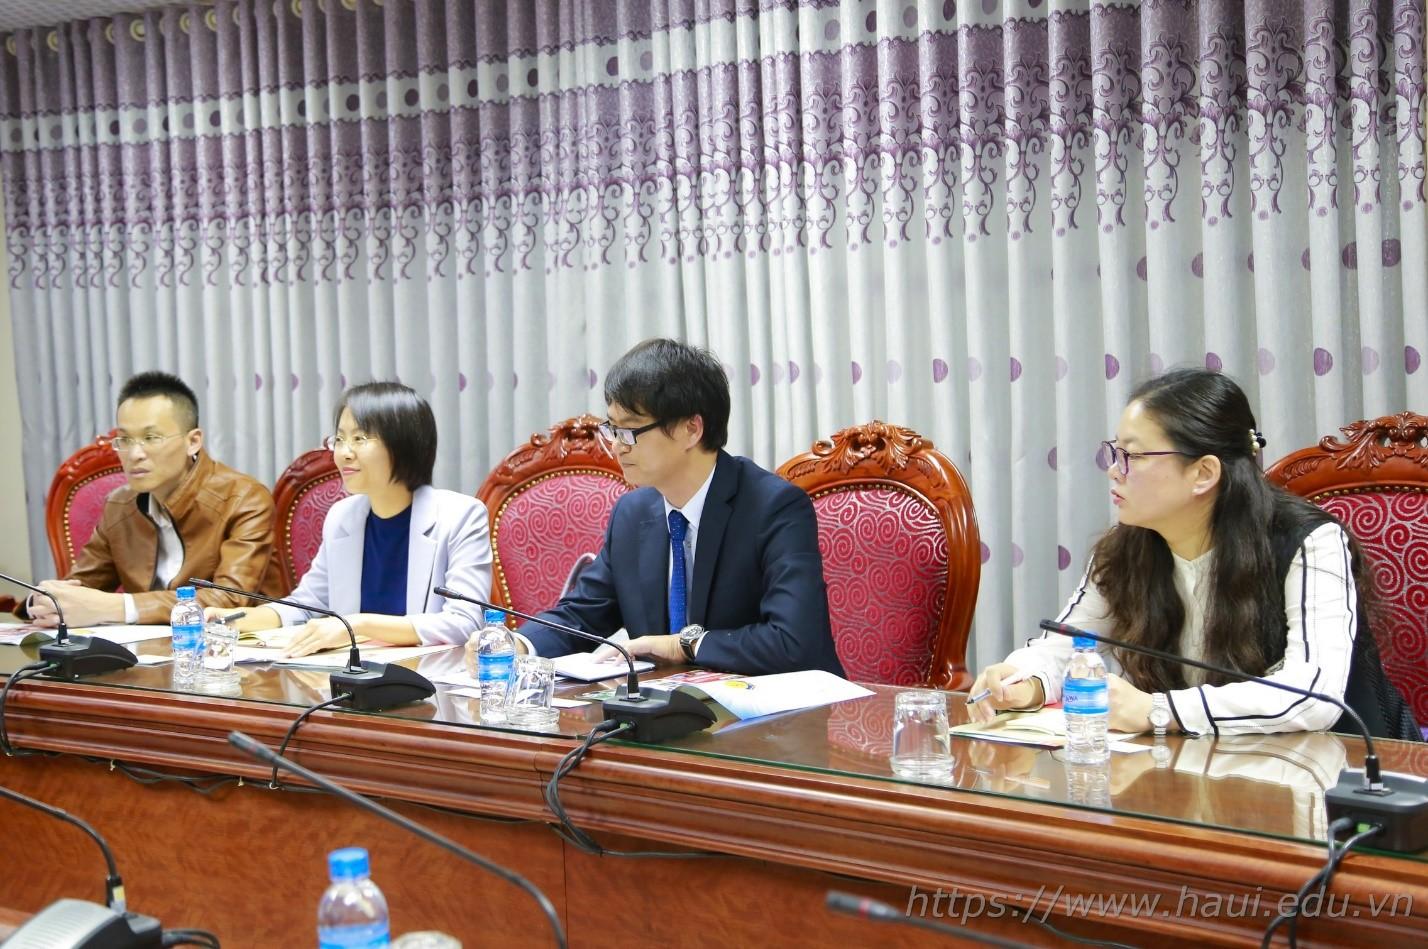 Đại học Công nghiệp Hà Nội hợp tác với Học viện Xiangsihu, Trung Quốc